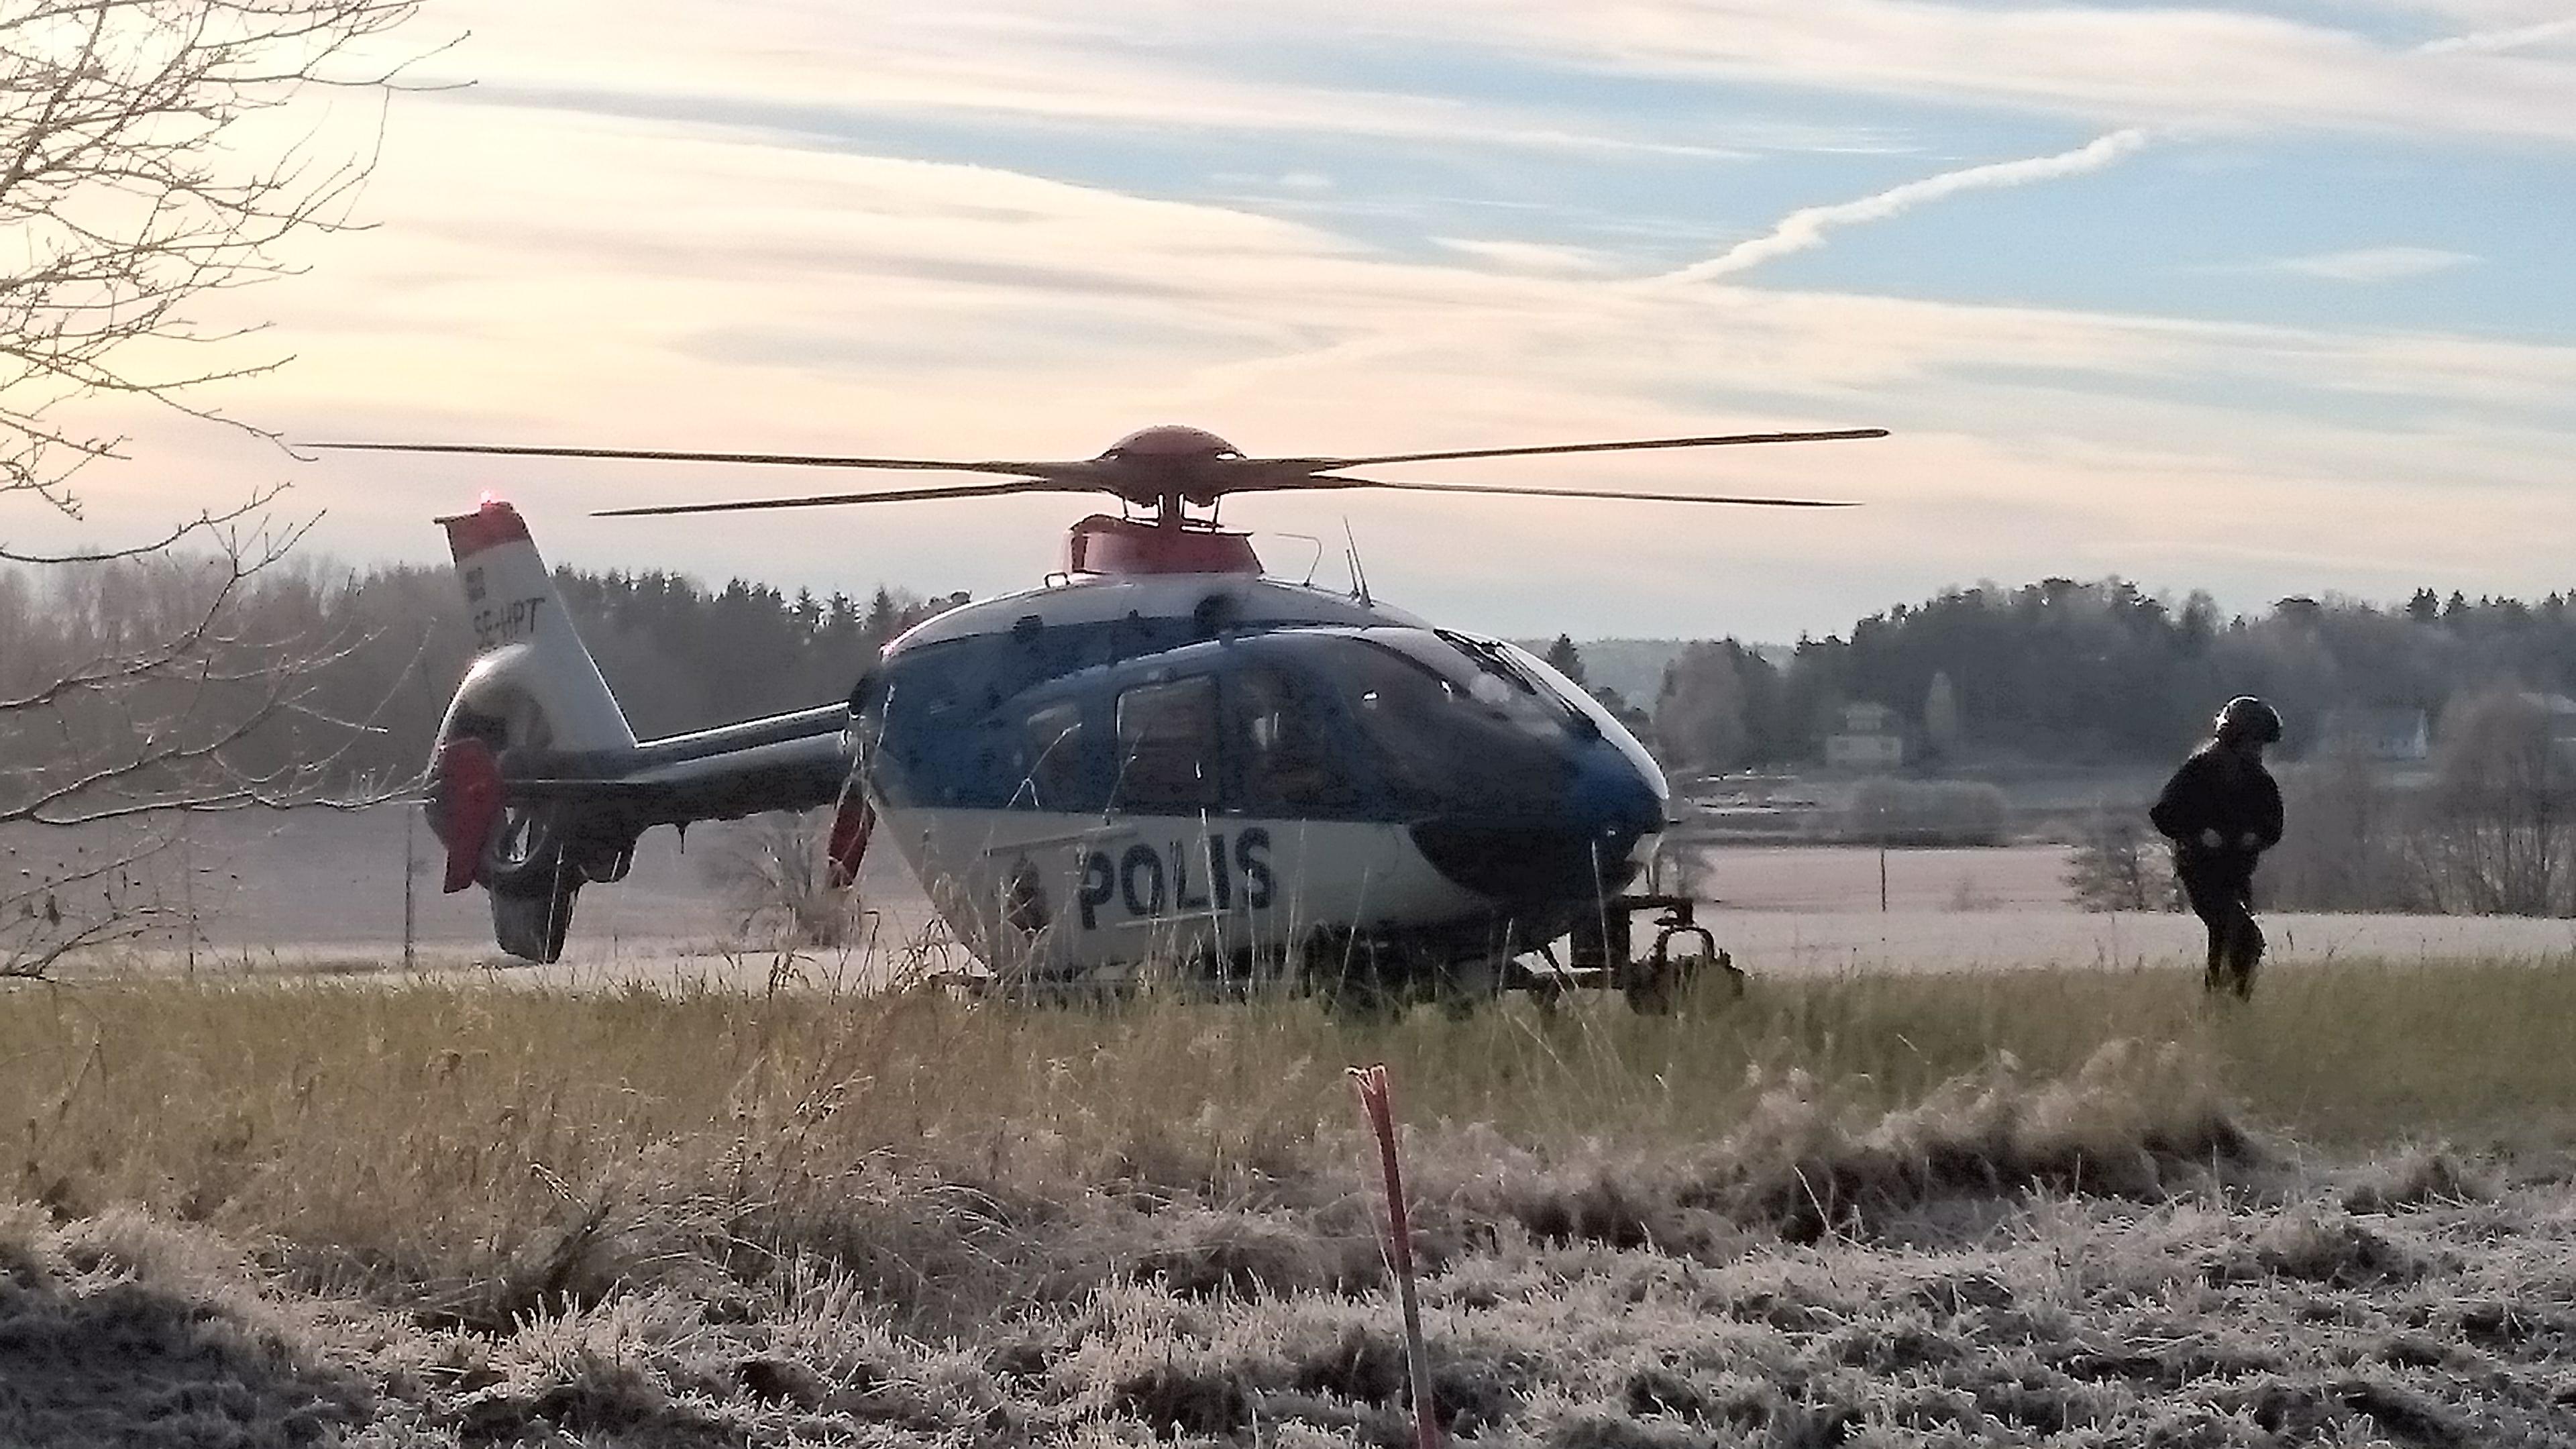 Polisens helikopter landande vid hemvärnsgården innan den sattes in i sökandet.